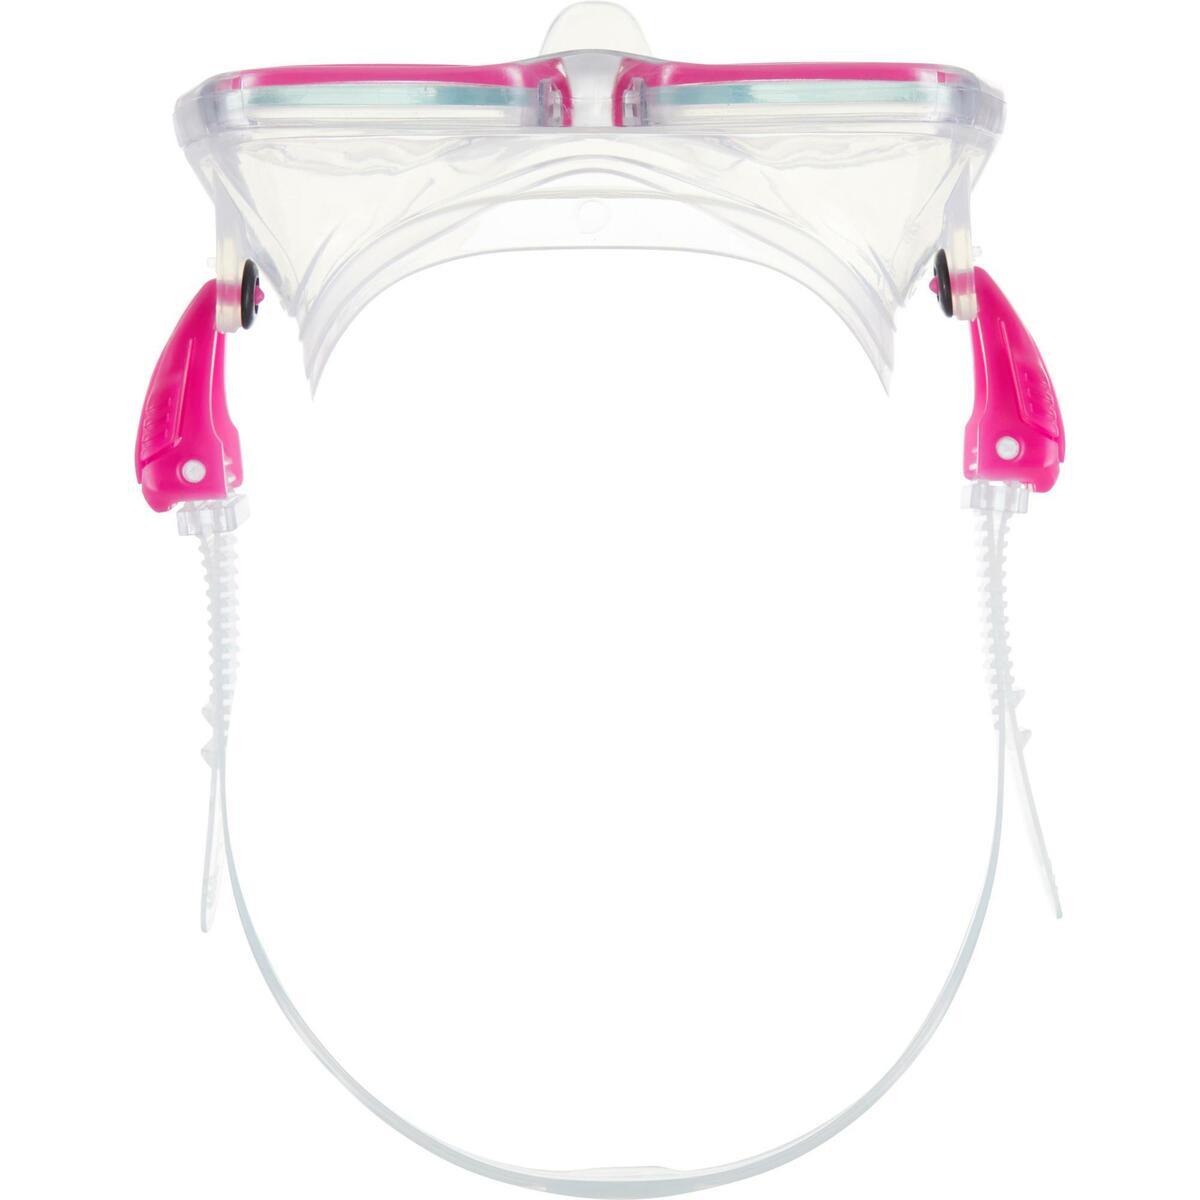 Bild 5 von Tauchmaske SCD 500 für Gerätetauchen cristal/rosa Zweiglas/Bi-Glas Tauchermaske